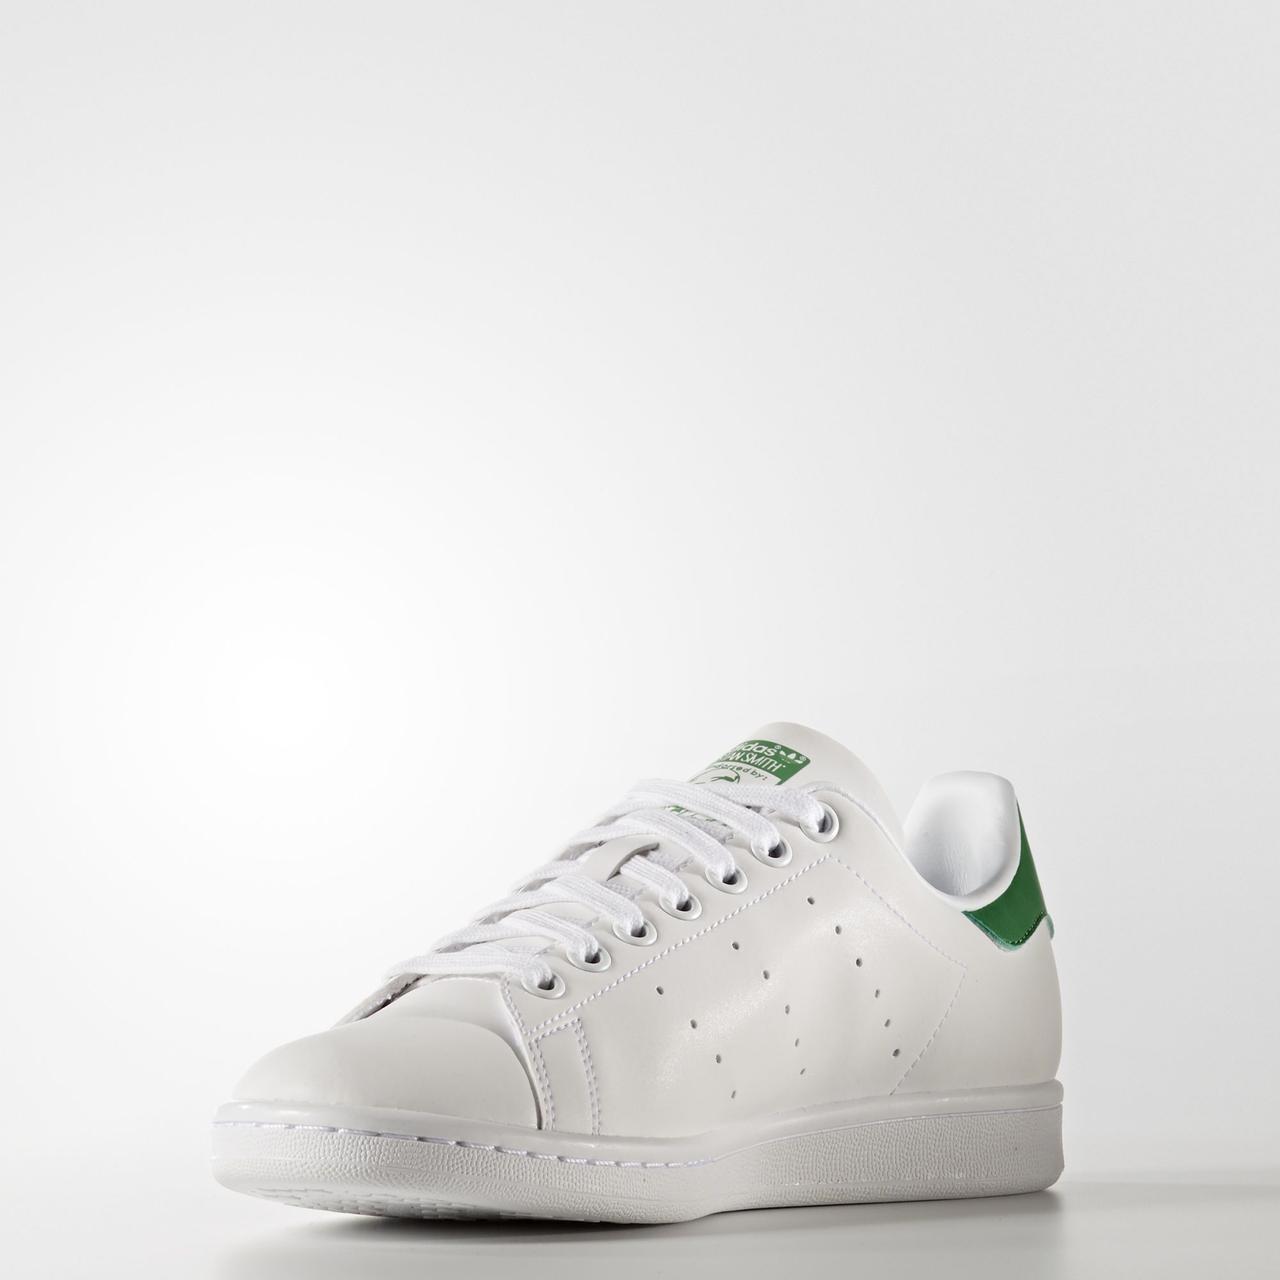 05b4d8a1708e Женские кроссовки Adidas Originals Stan Smith (Артикул  BB5153) - Адидас  официальный интернет -